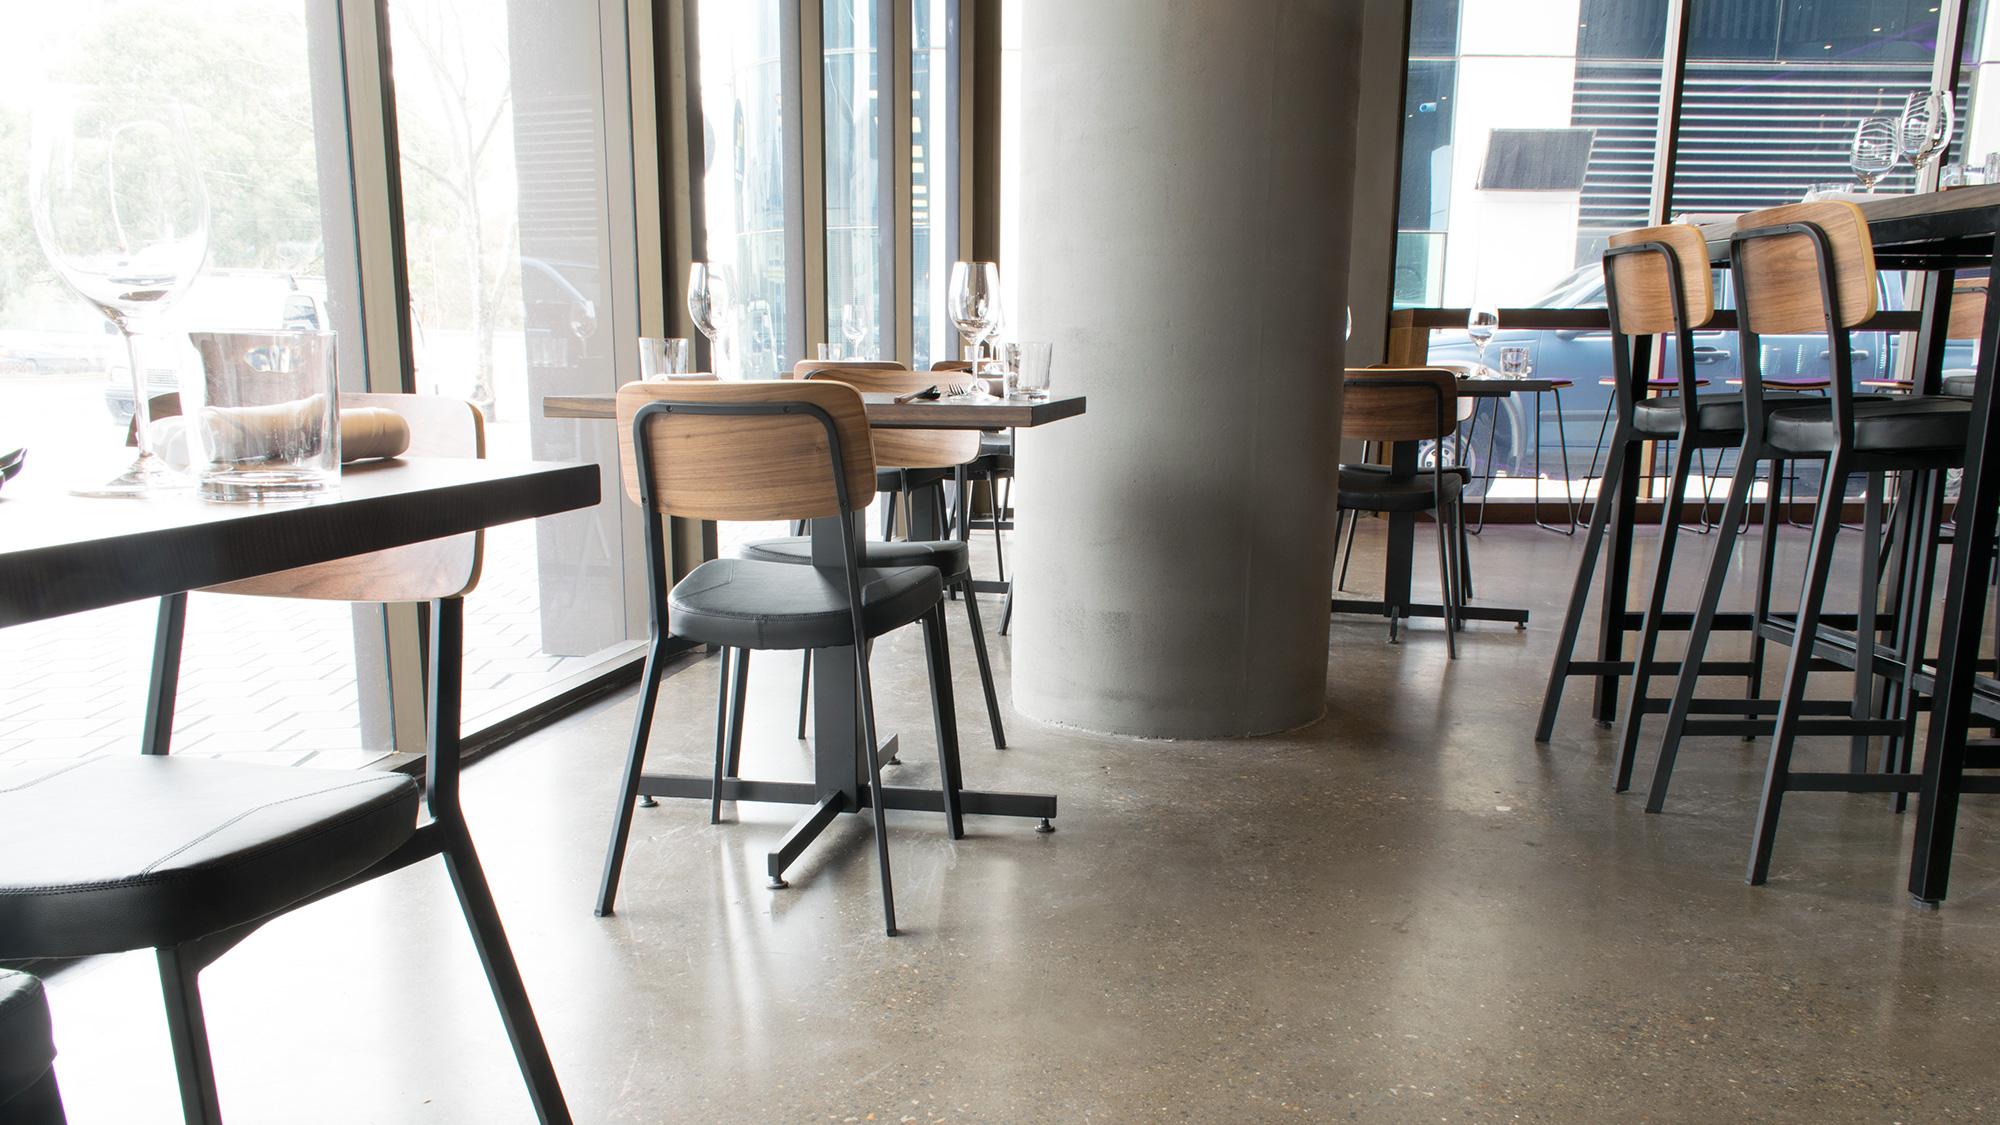 Mimasu Restaurant Adelaide - Caprice Chairs